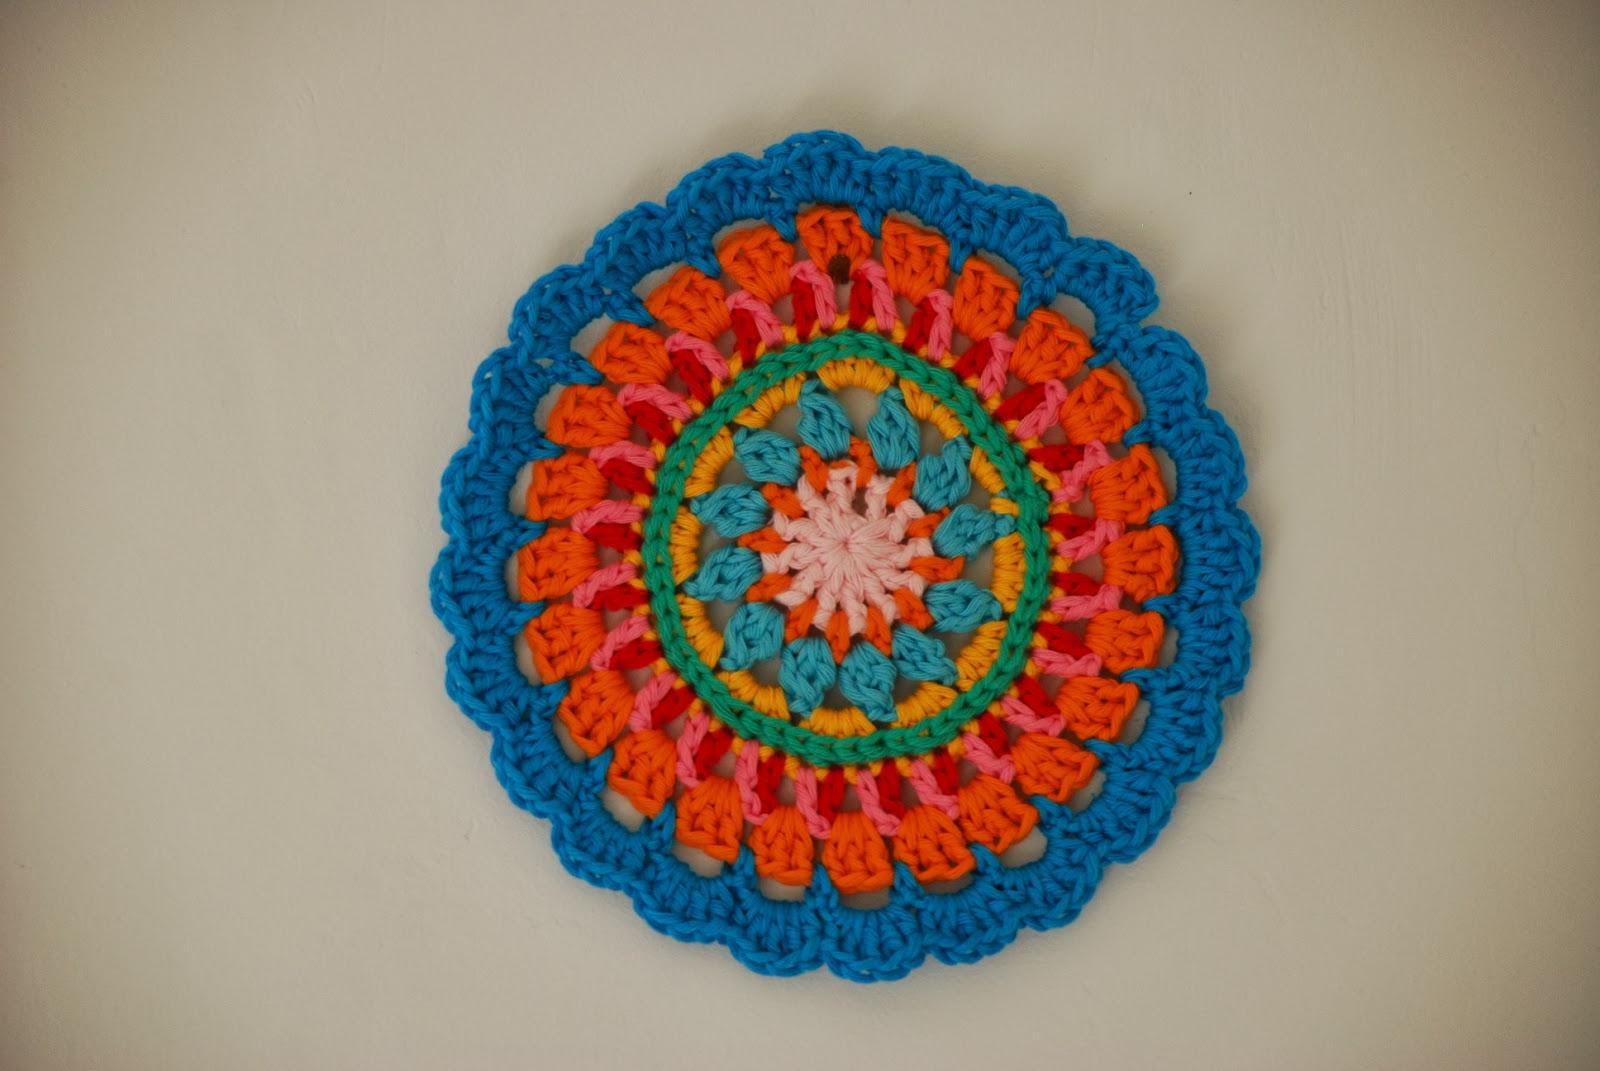 image of crochet mandala